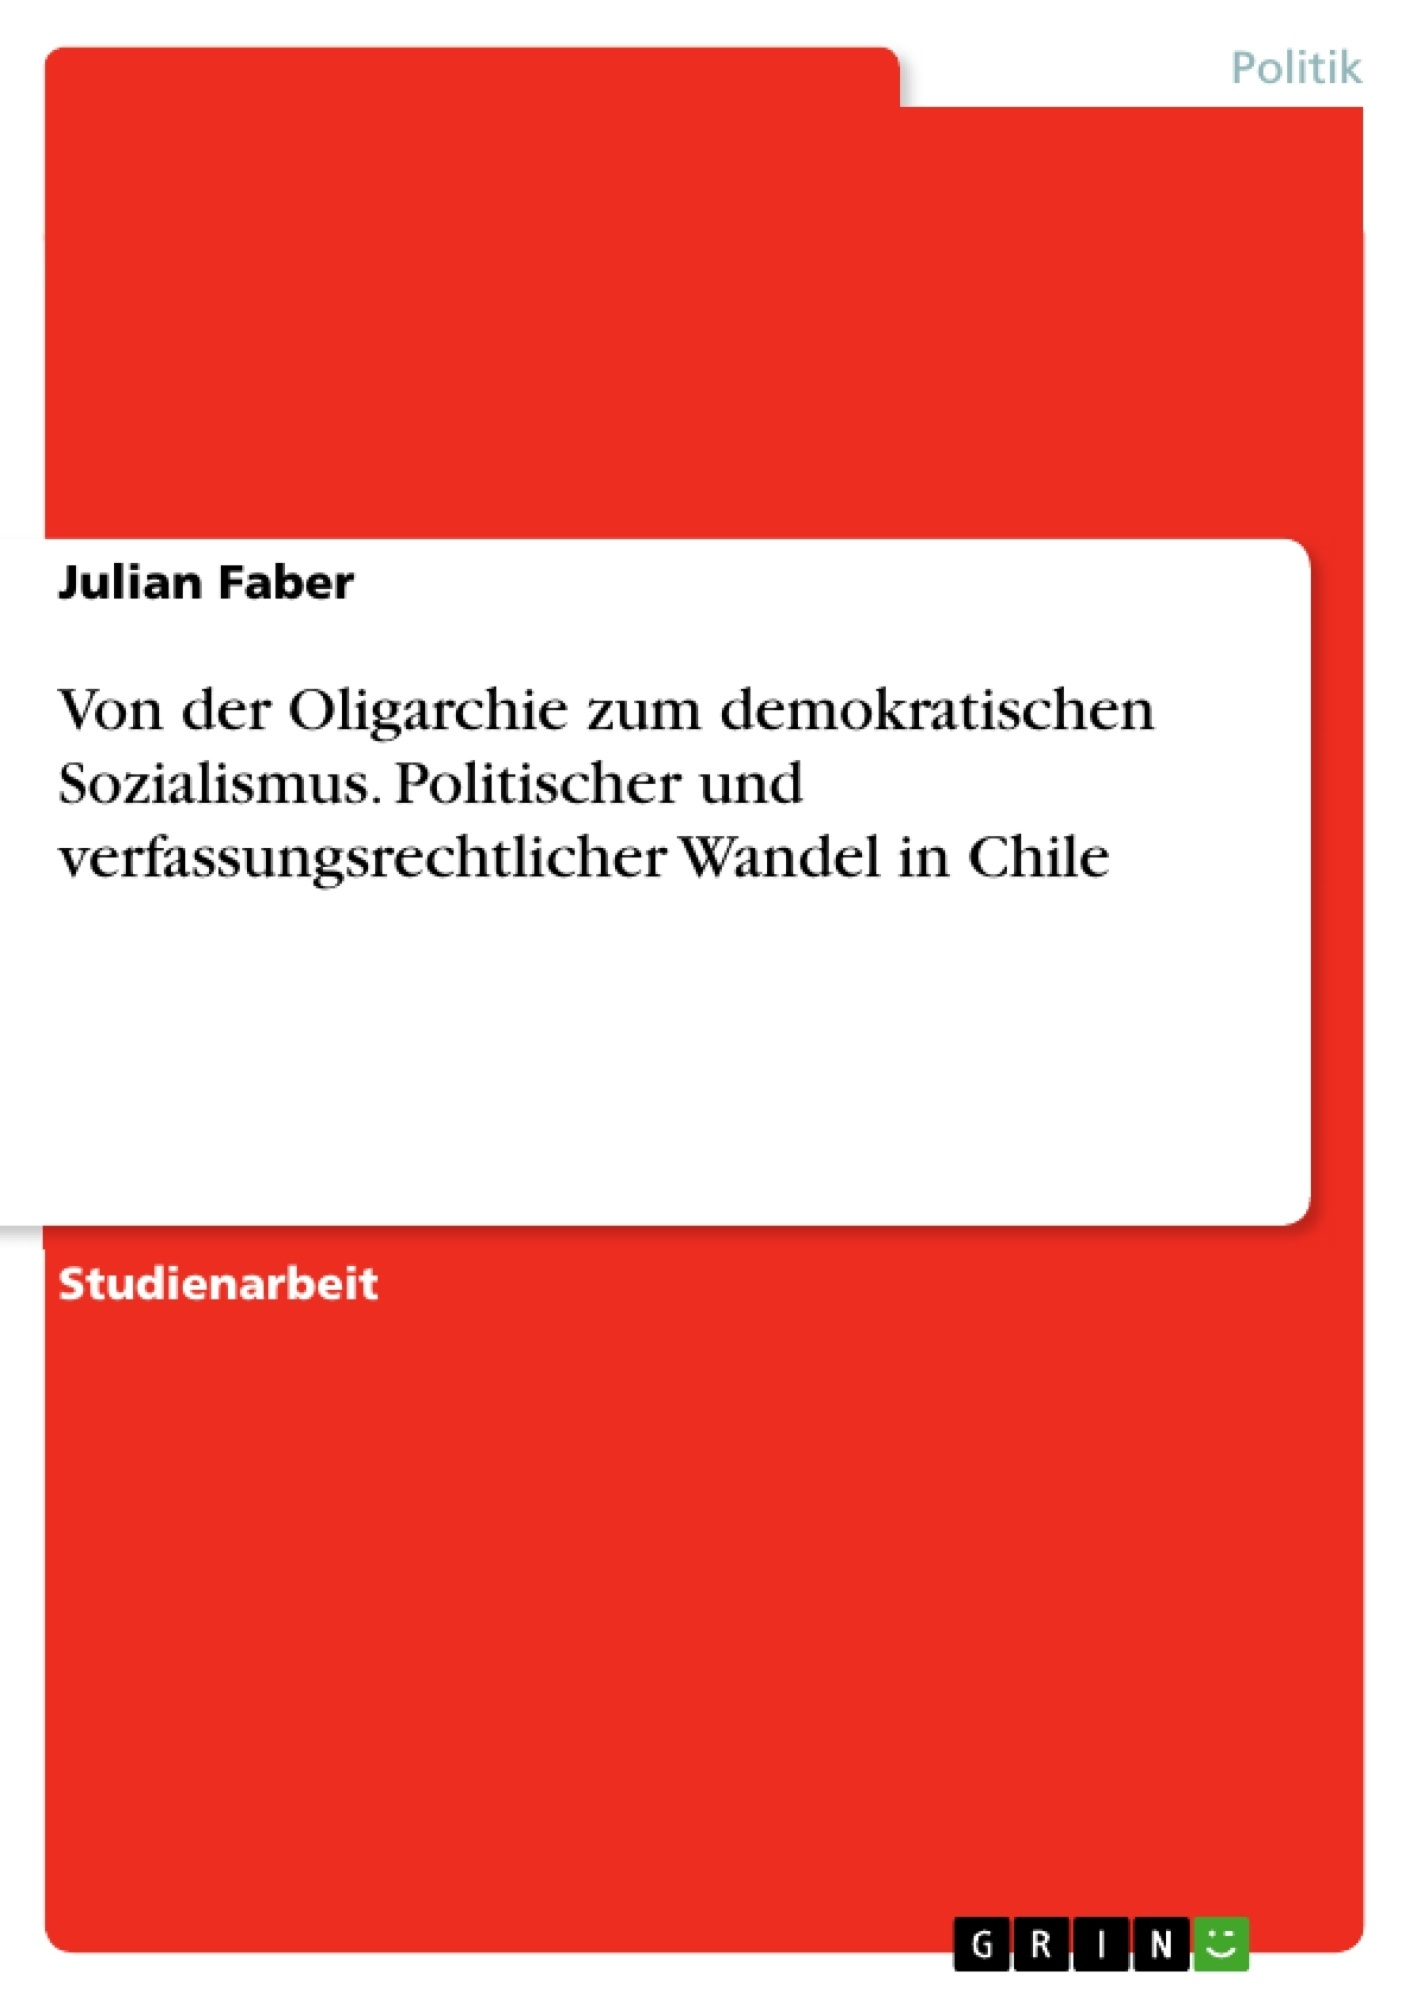 Titel: Von der Oligarchie zum demokratischen Sozialismus. Politischer und verfassungsrechtlicher Wandel in Chile